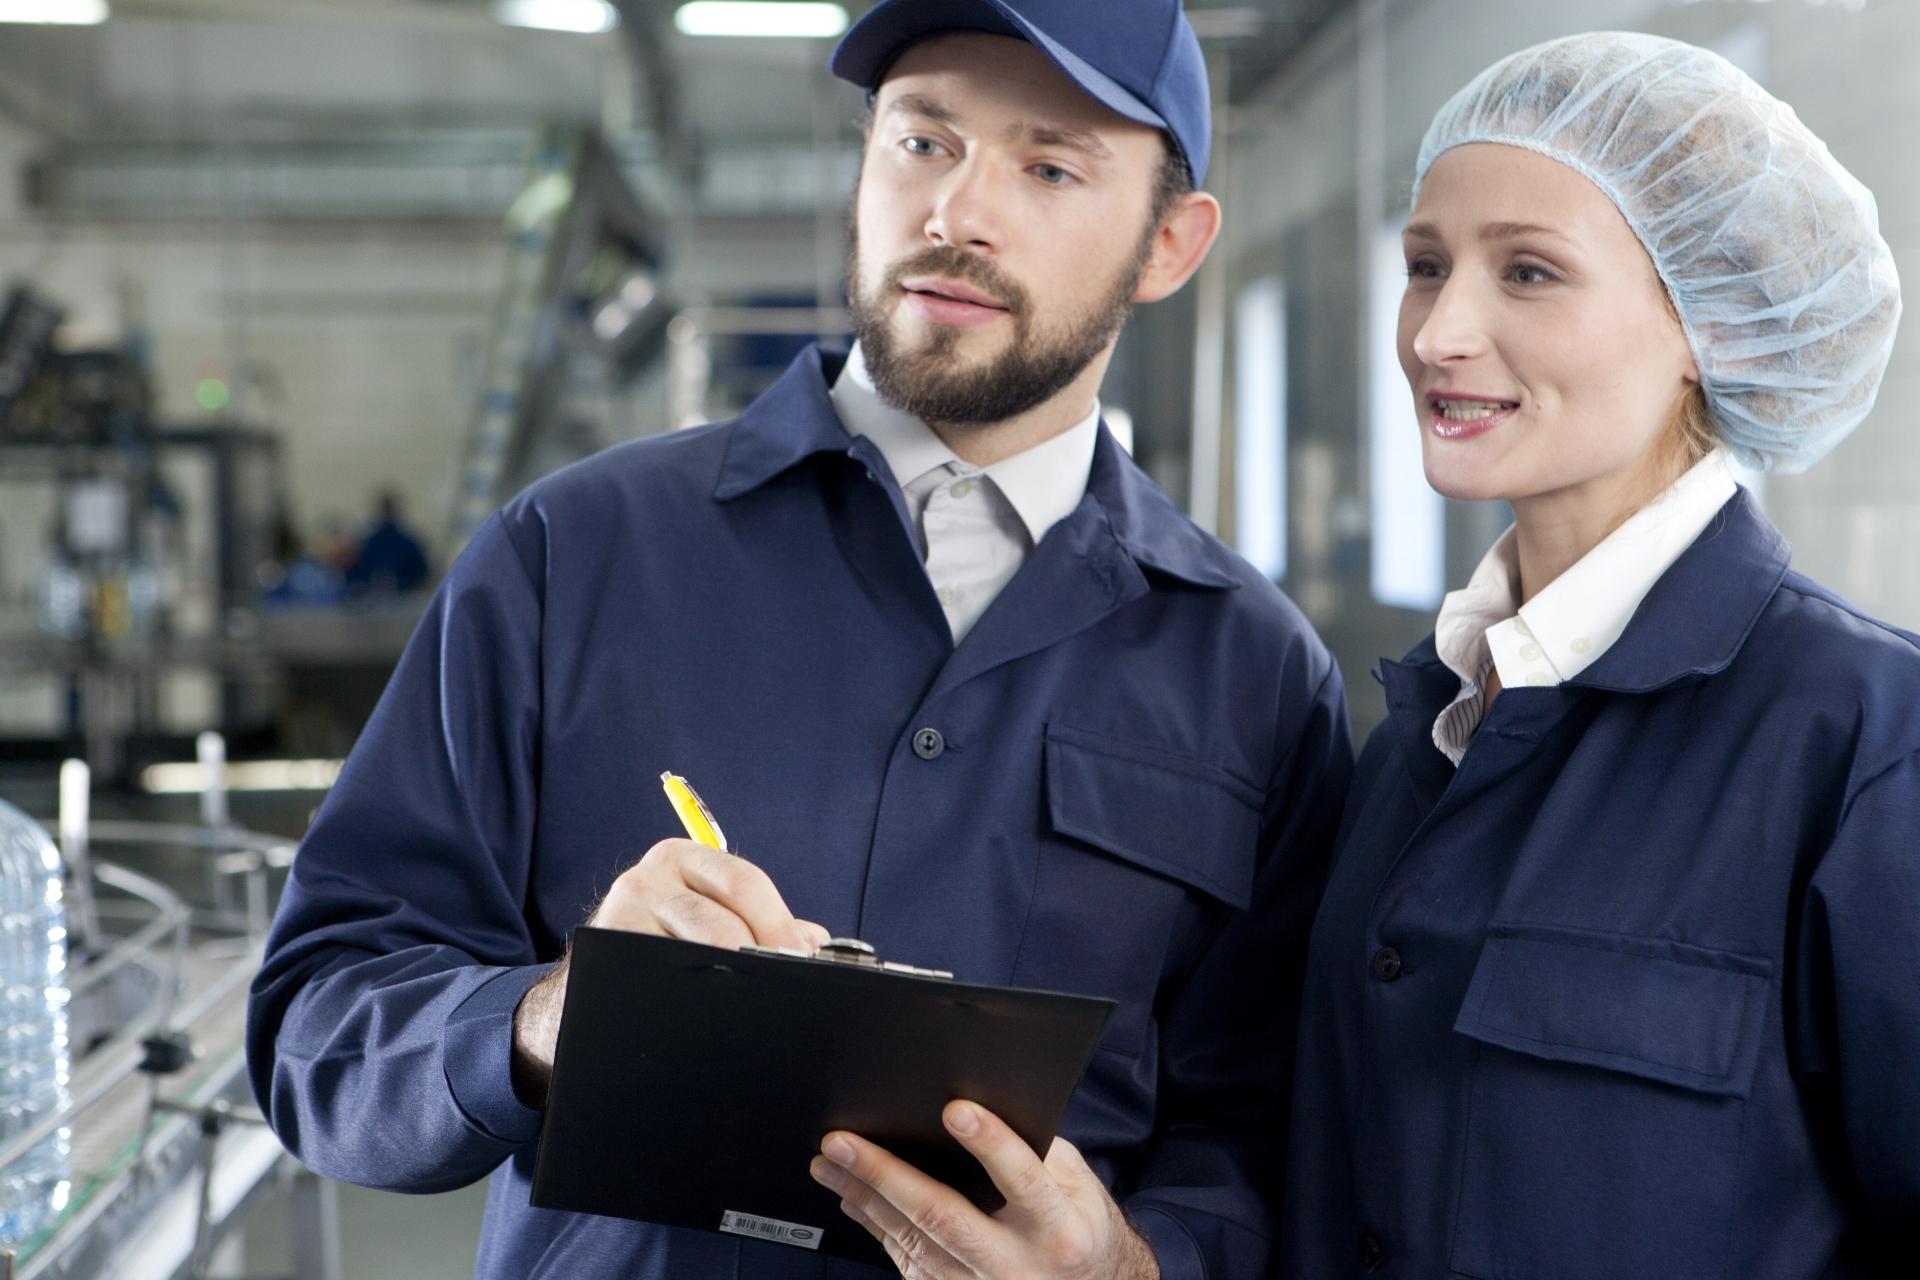 個人事業主が従業員をはじめて雇用する場合に必要なこととは